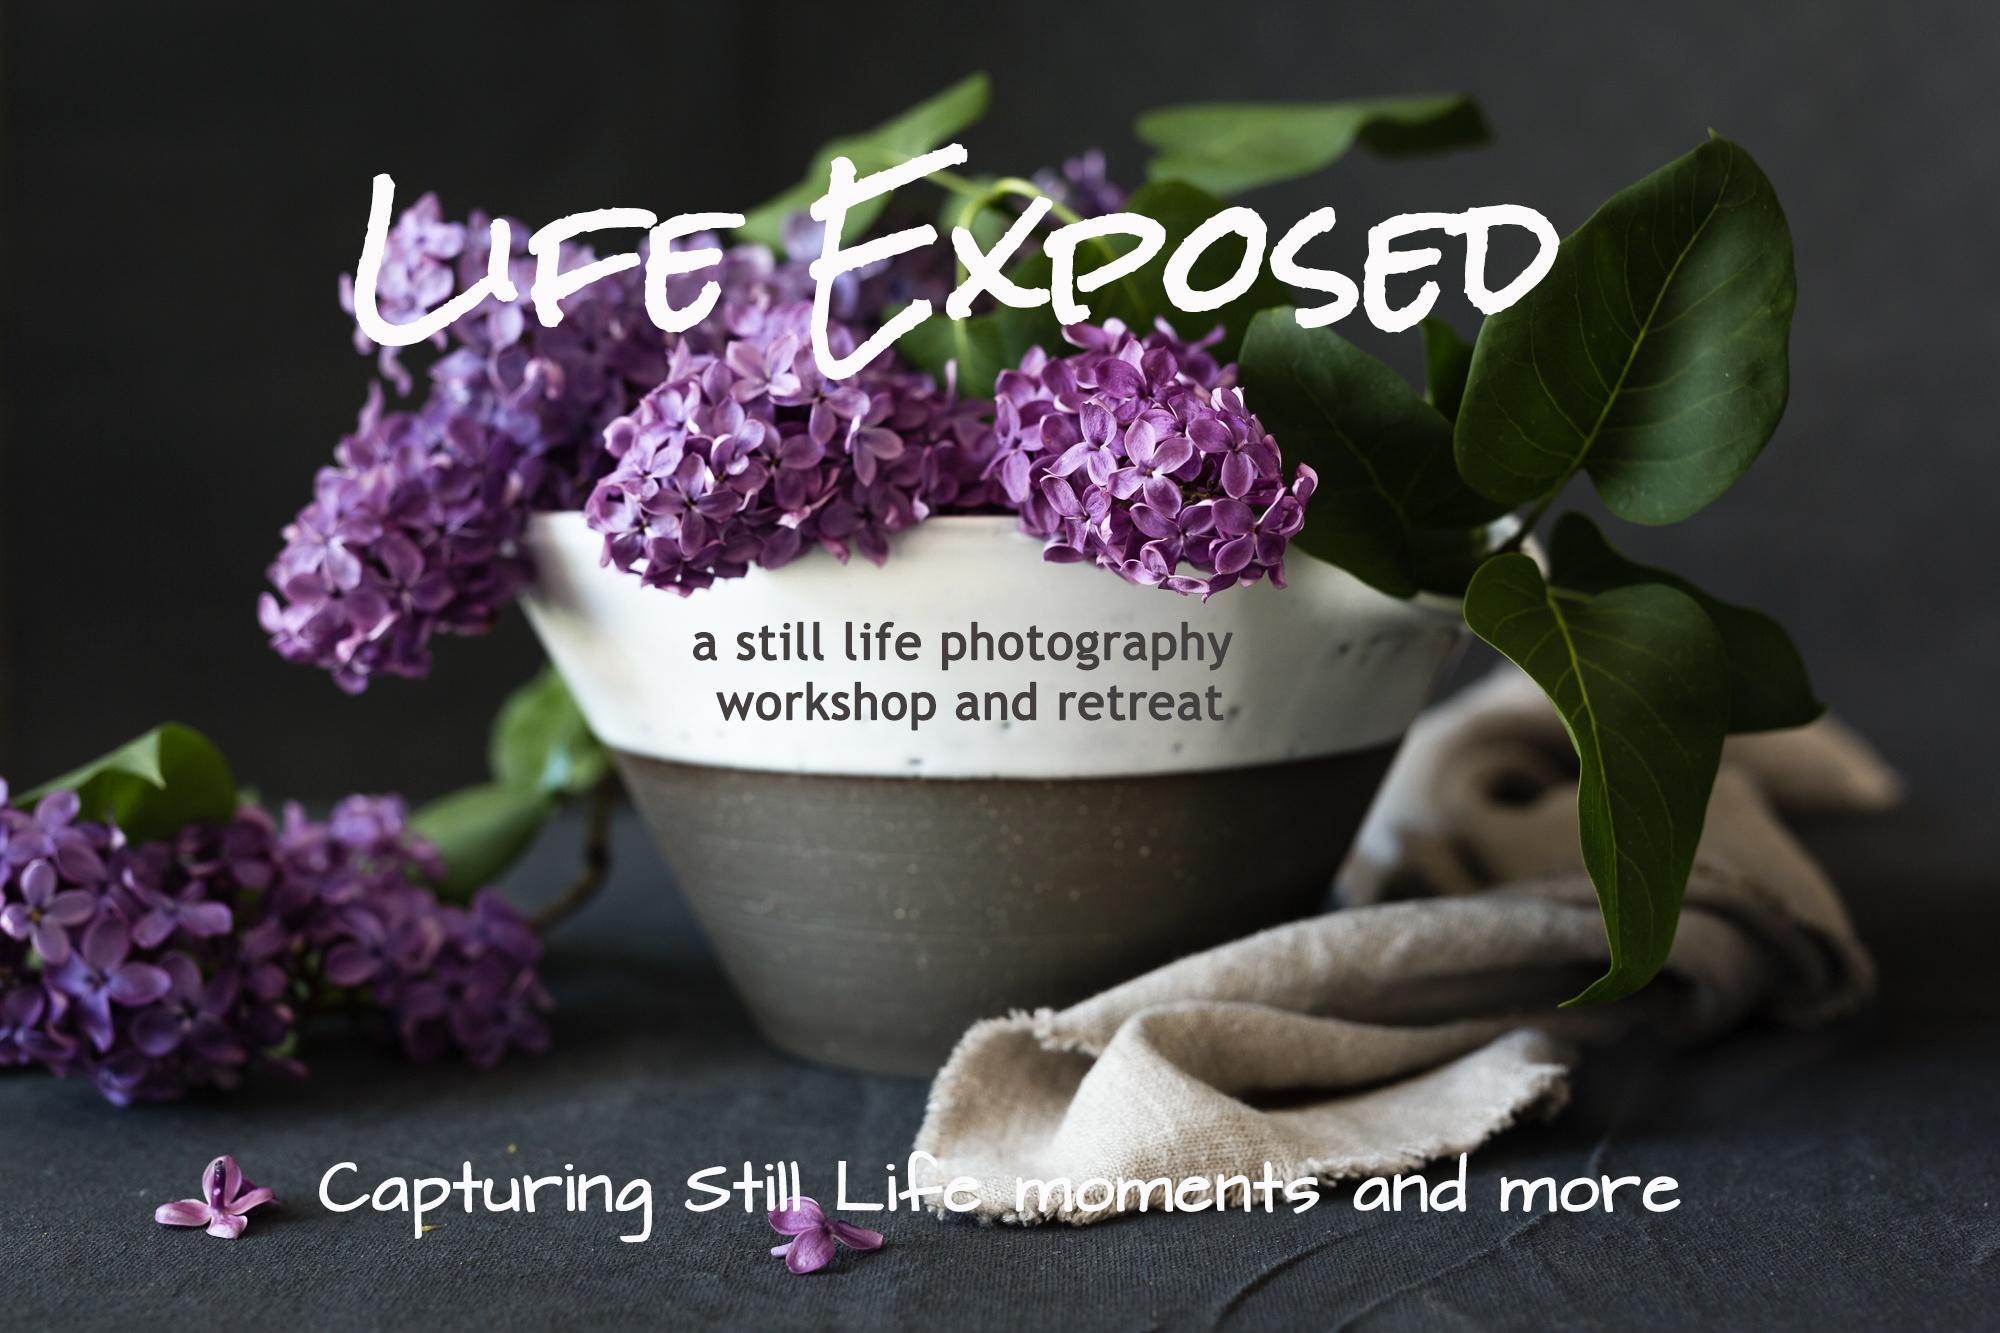 LifeExposedLogo